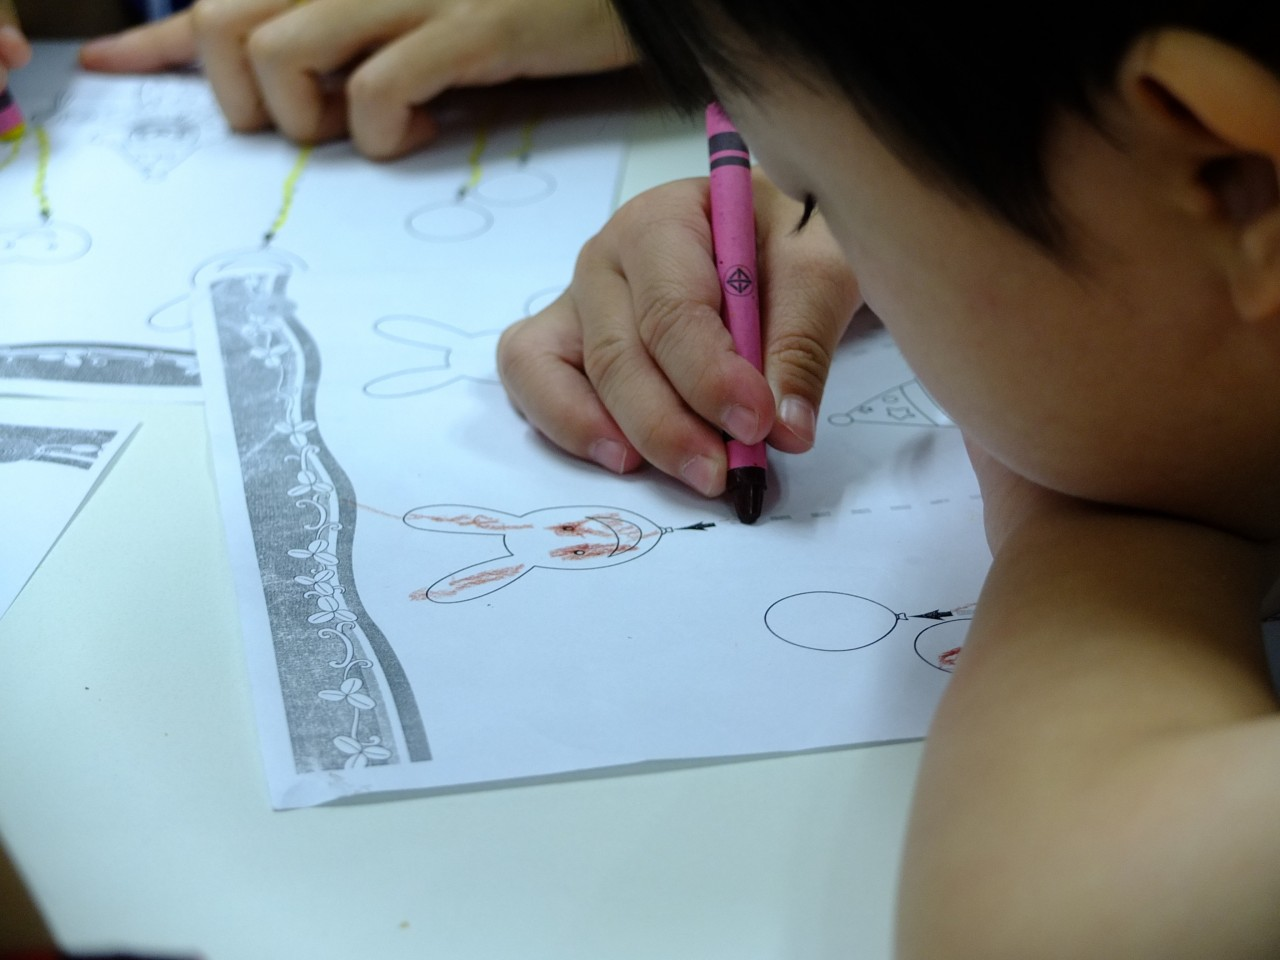 怎么辅导孩子学习四则混合运算呢?概念不重要,关键是理解